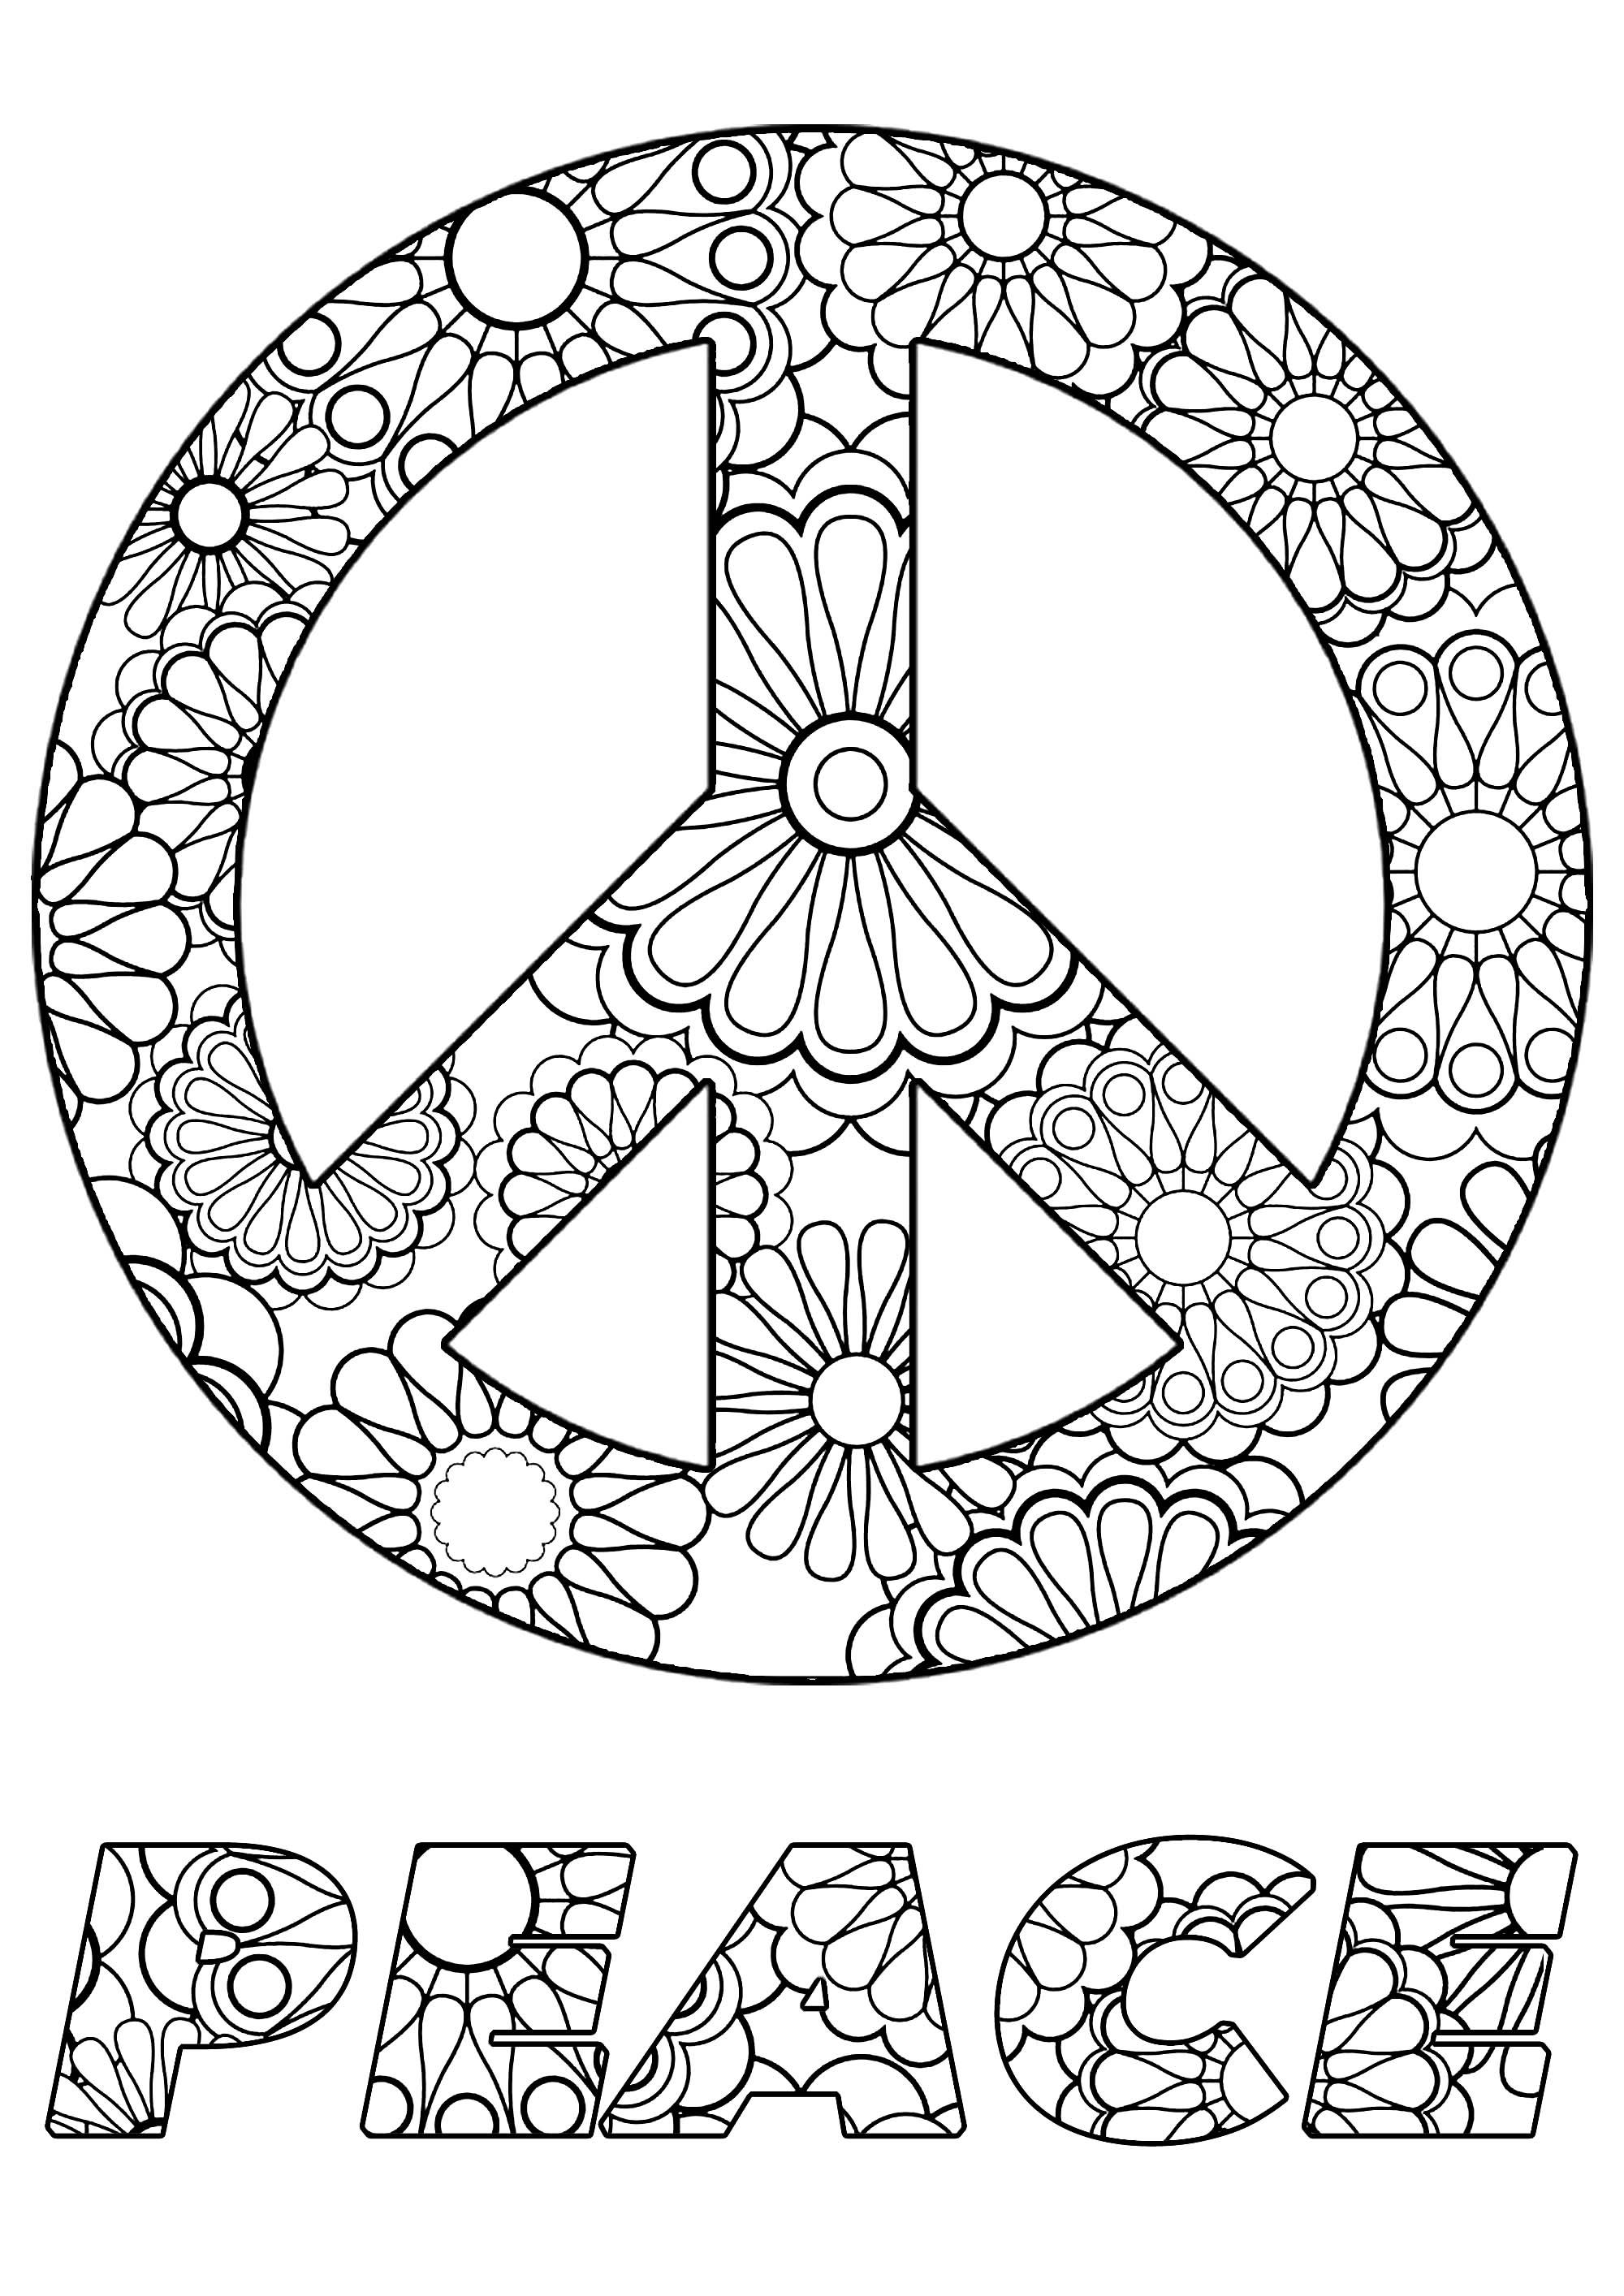 Coloriez ce symbole de la paix et le mot 'Peace', avec de jolies fleurs à l'intérieur